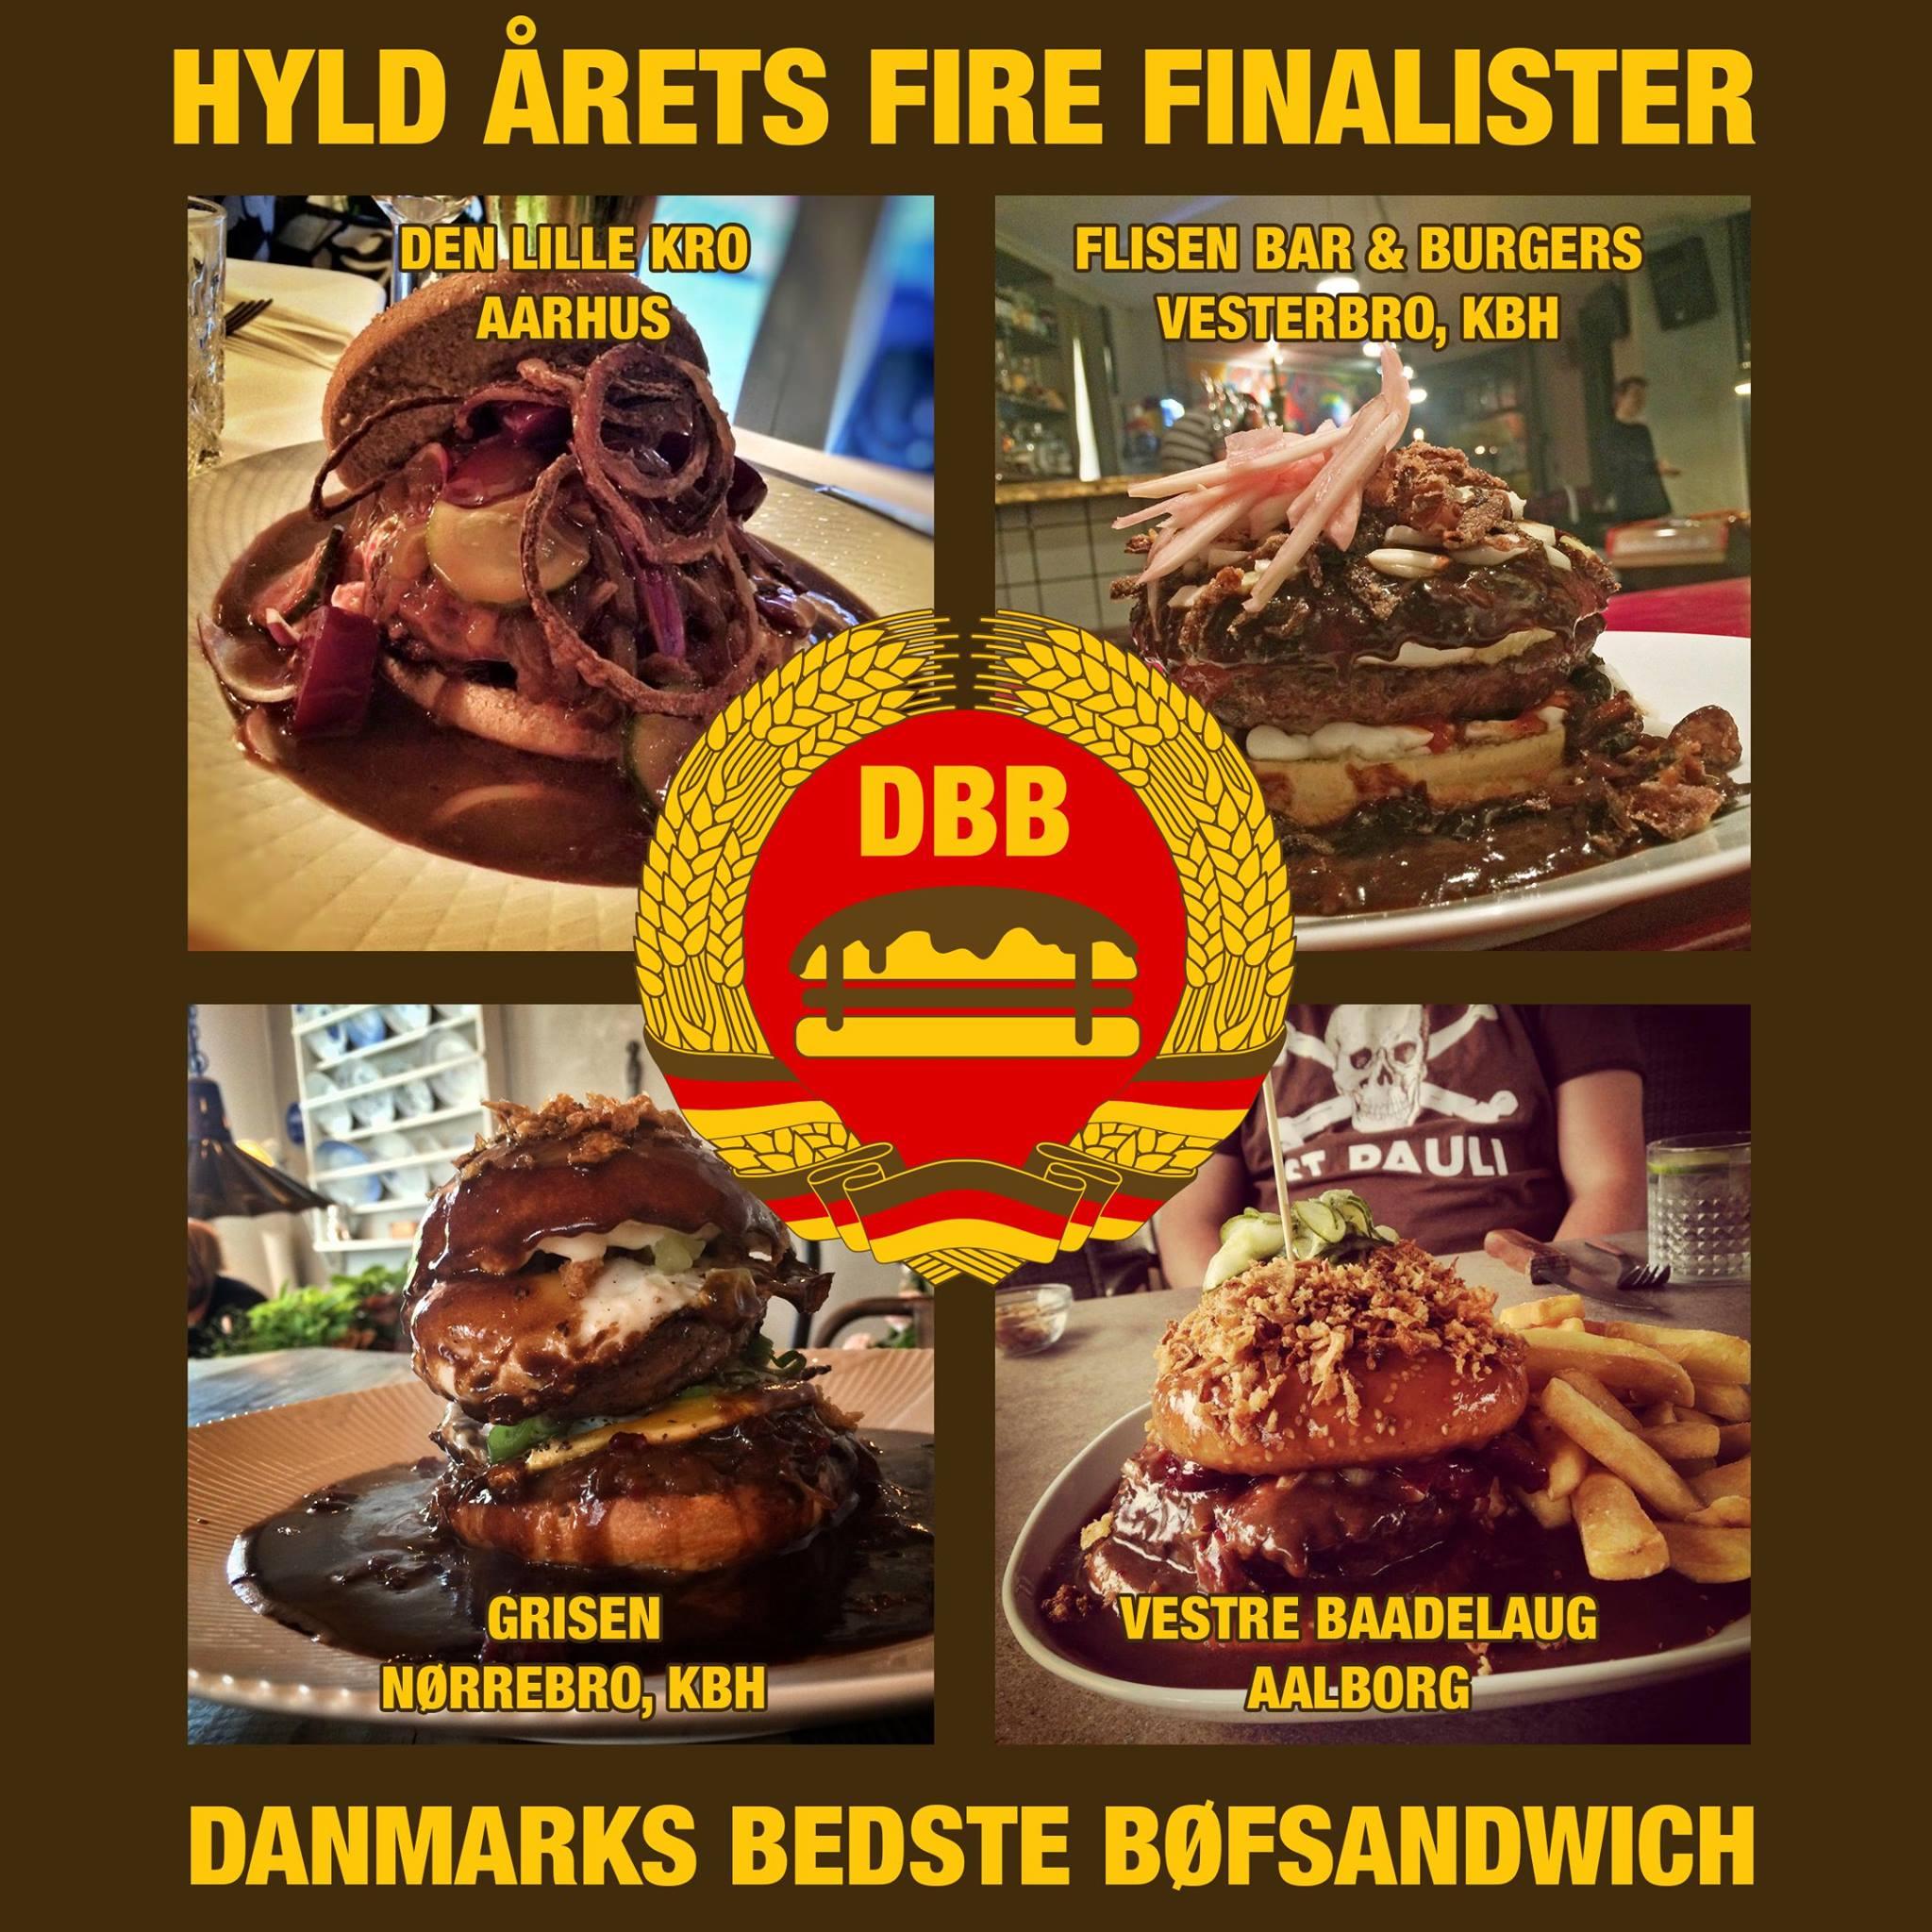 Danmarks Bedste bøfsandwich 2015